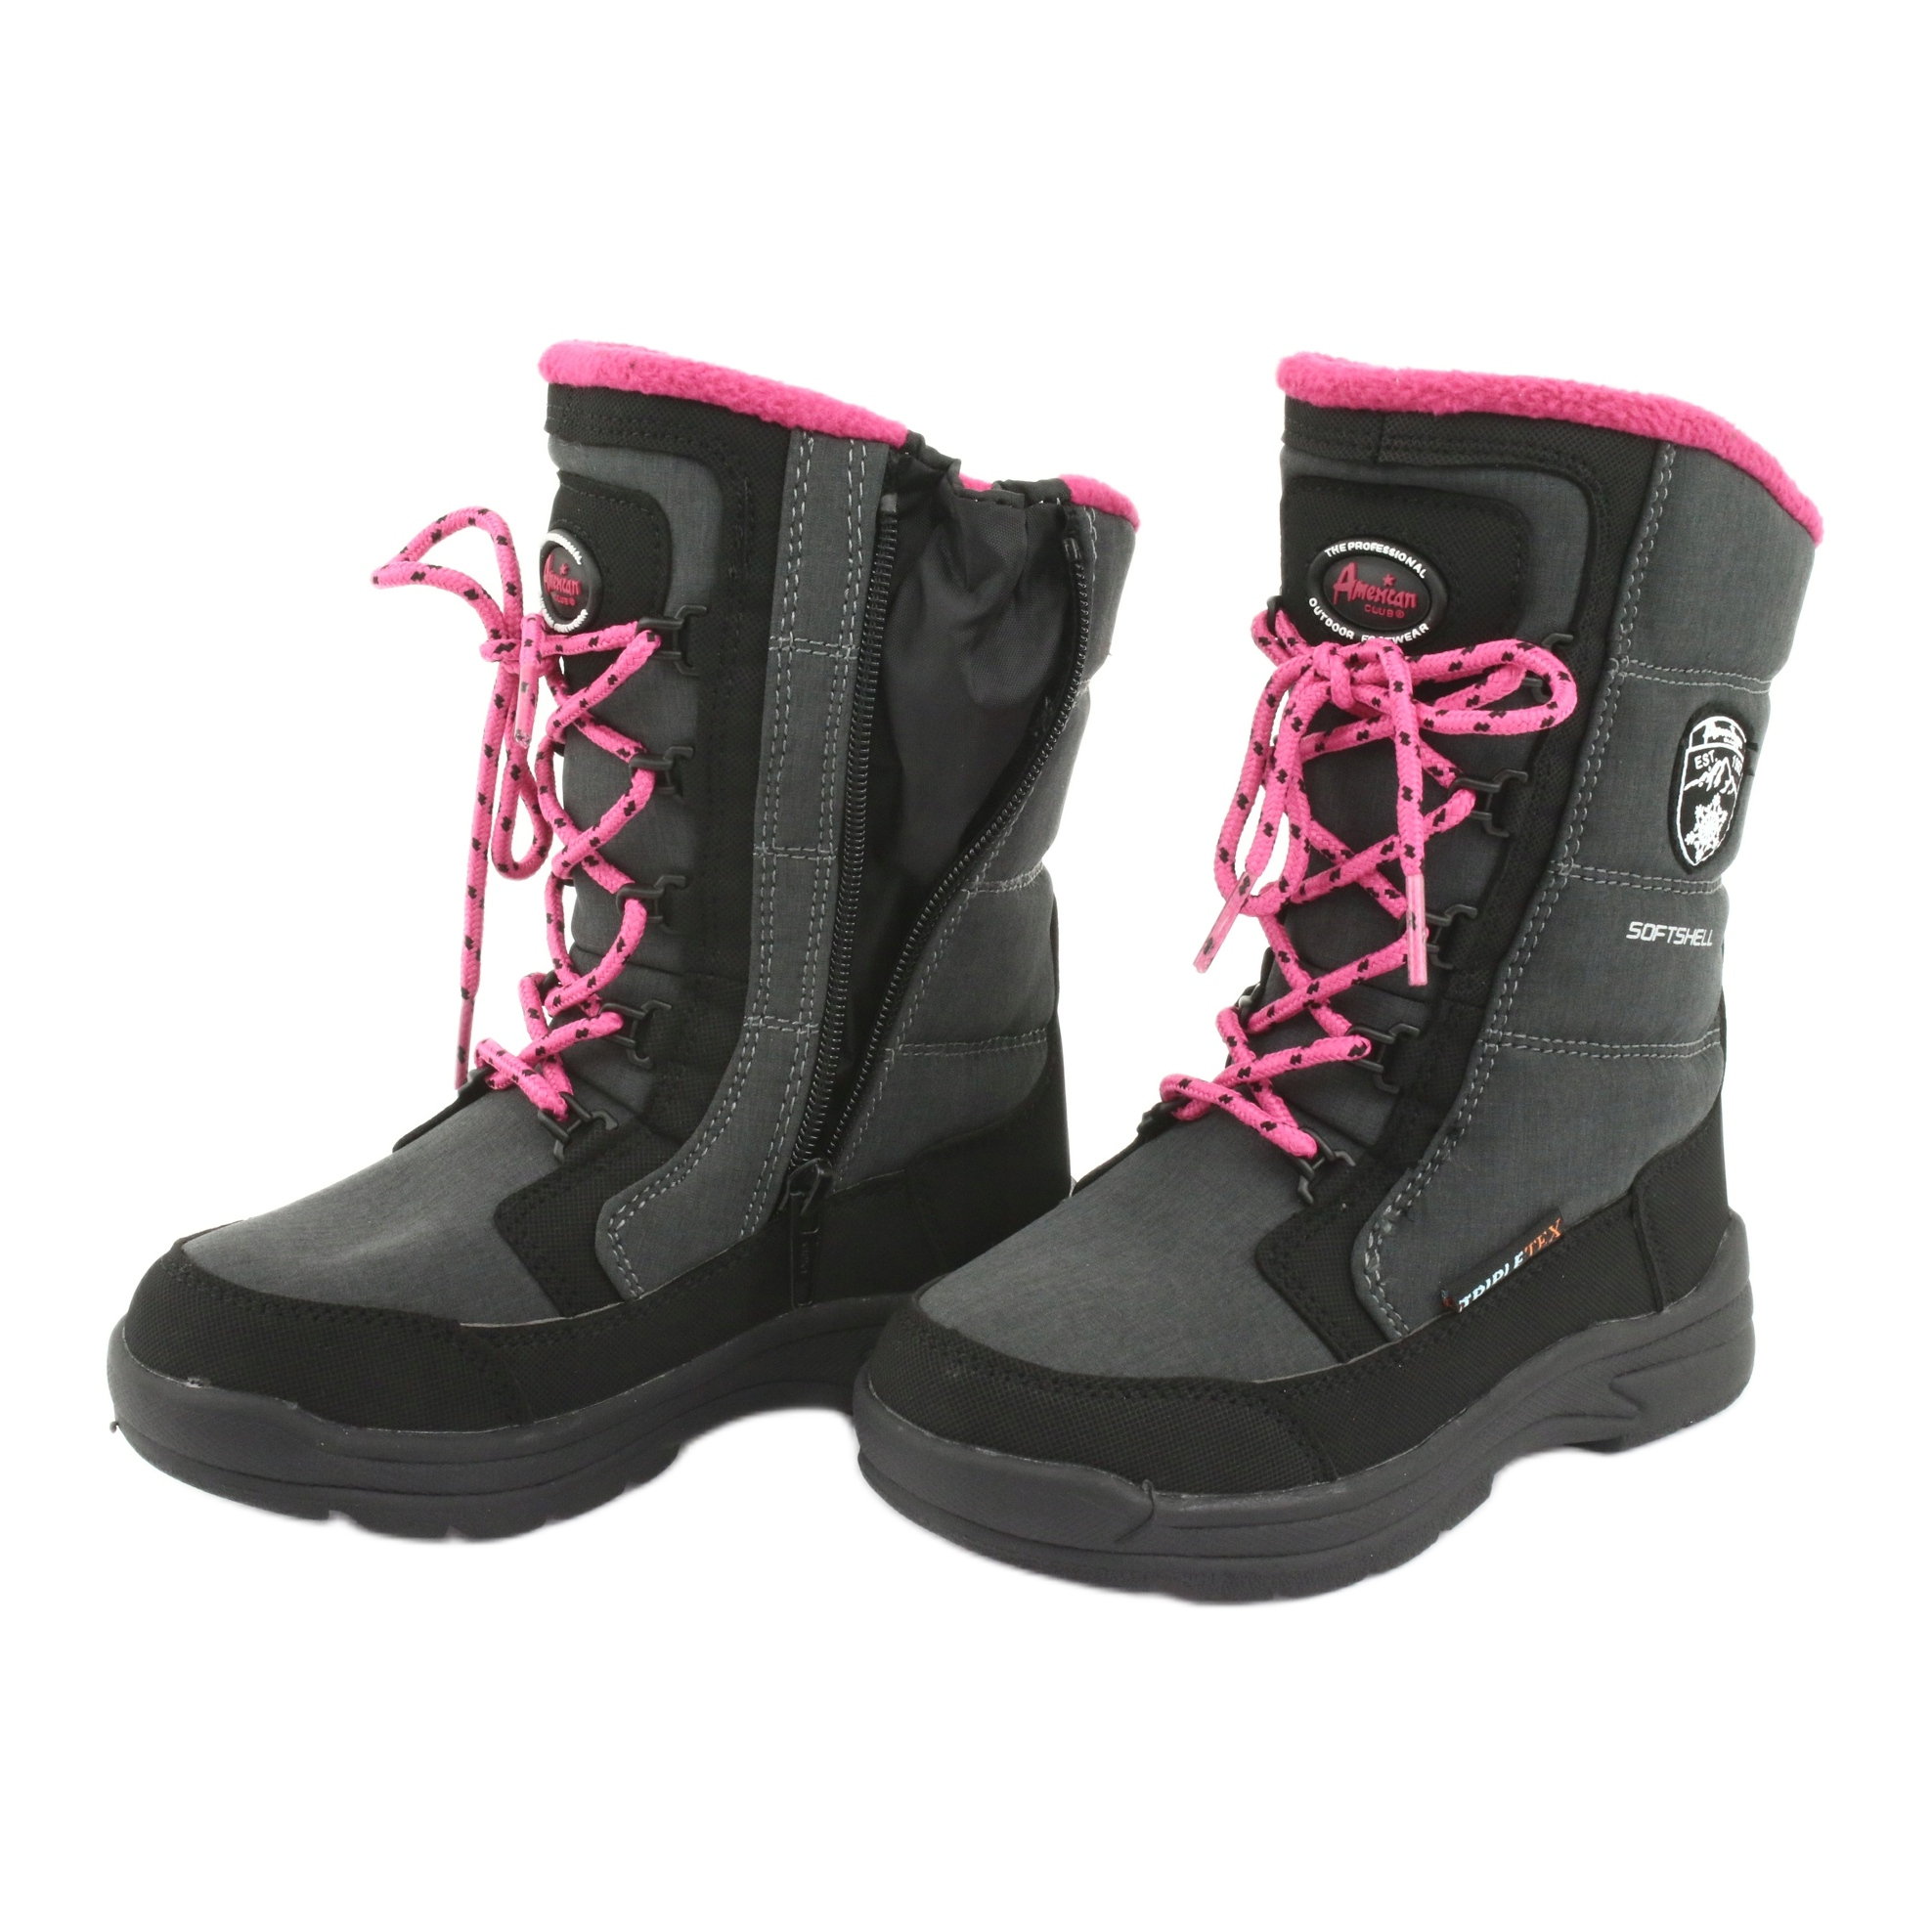 miniatura 6 - Stivali da neve con membrana American club SN13 grigia nero rosa grigio